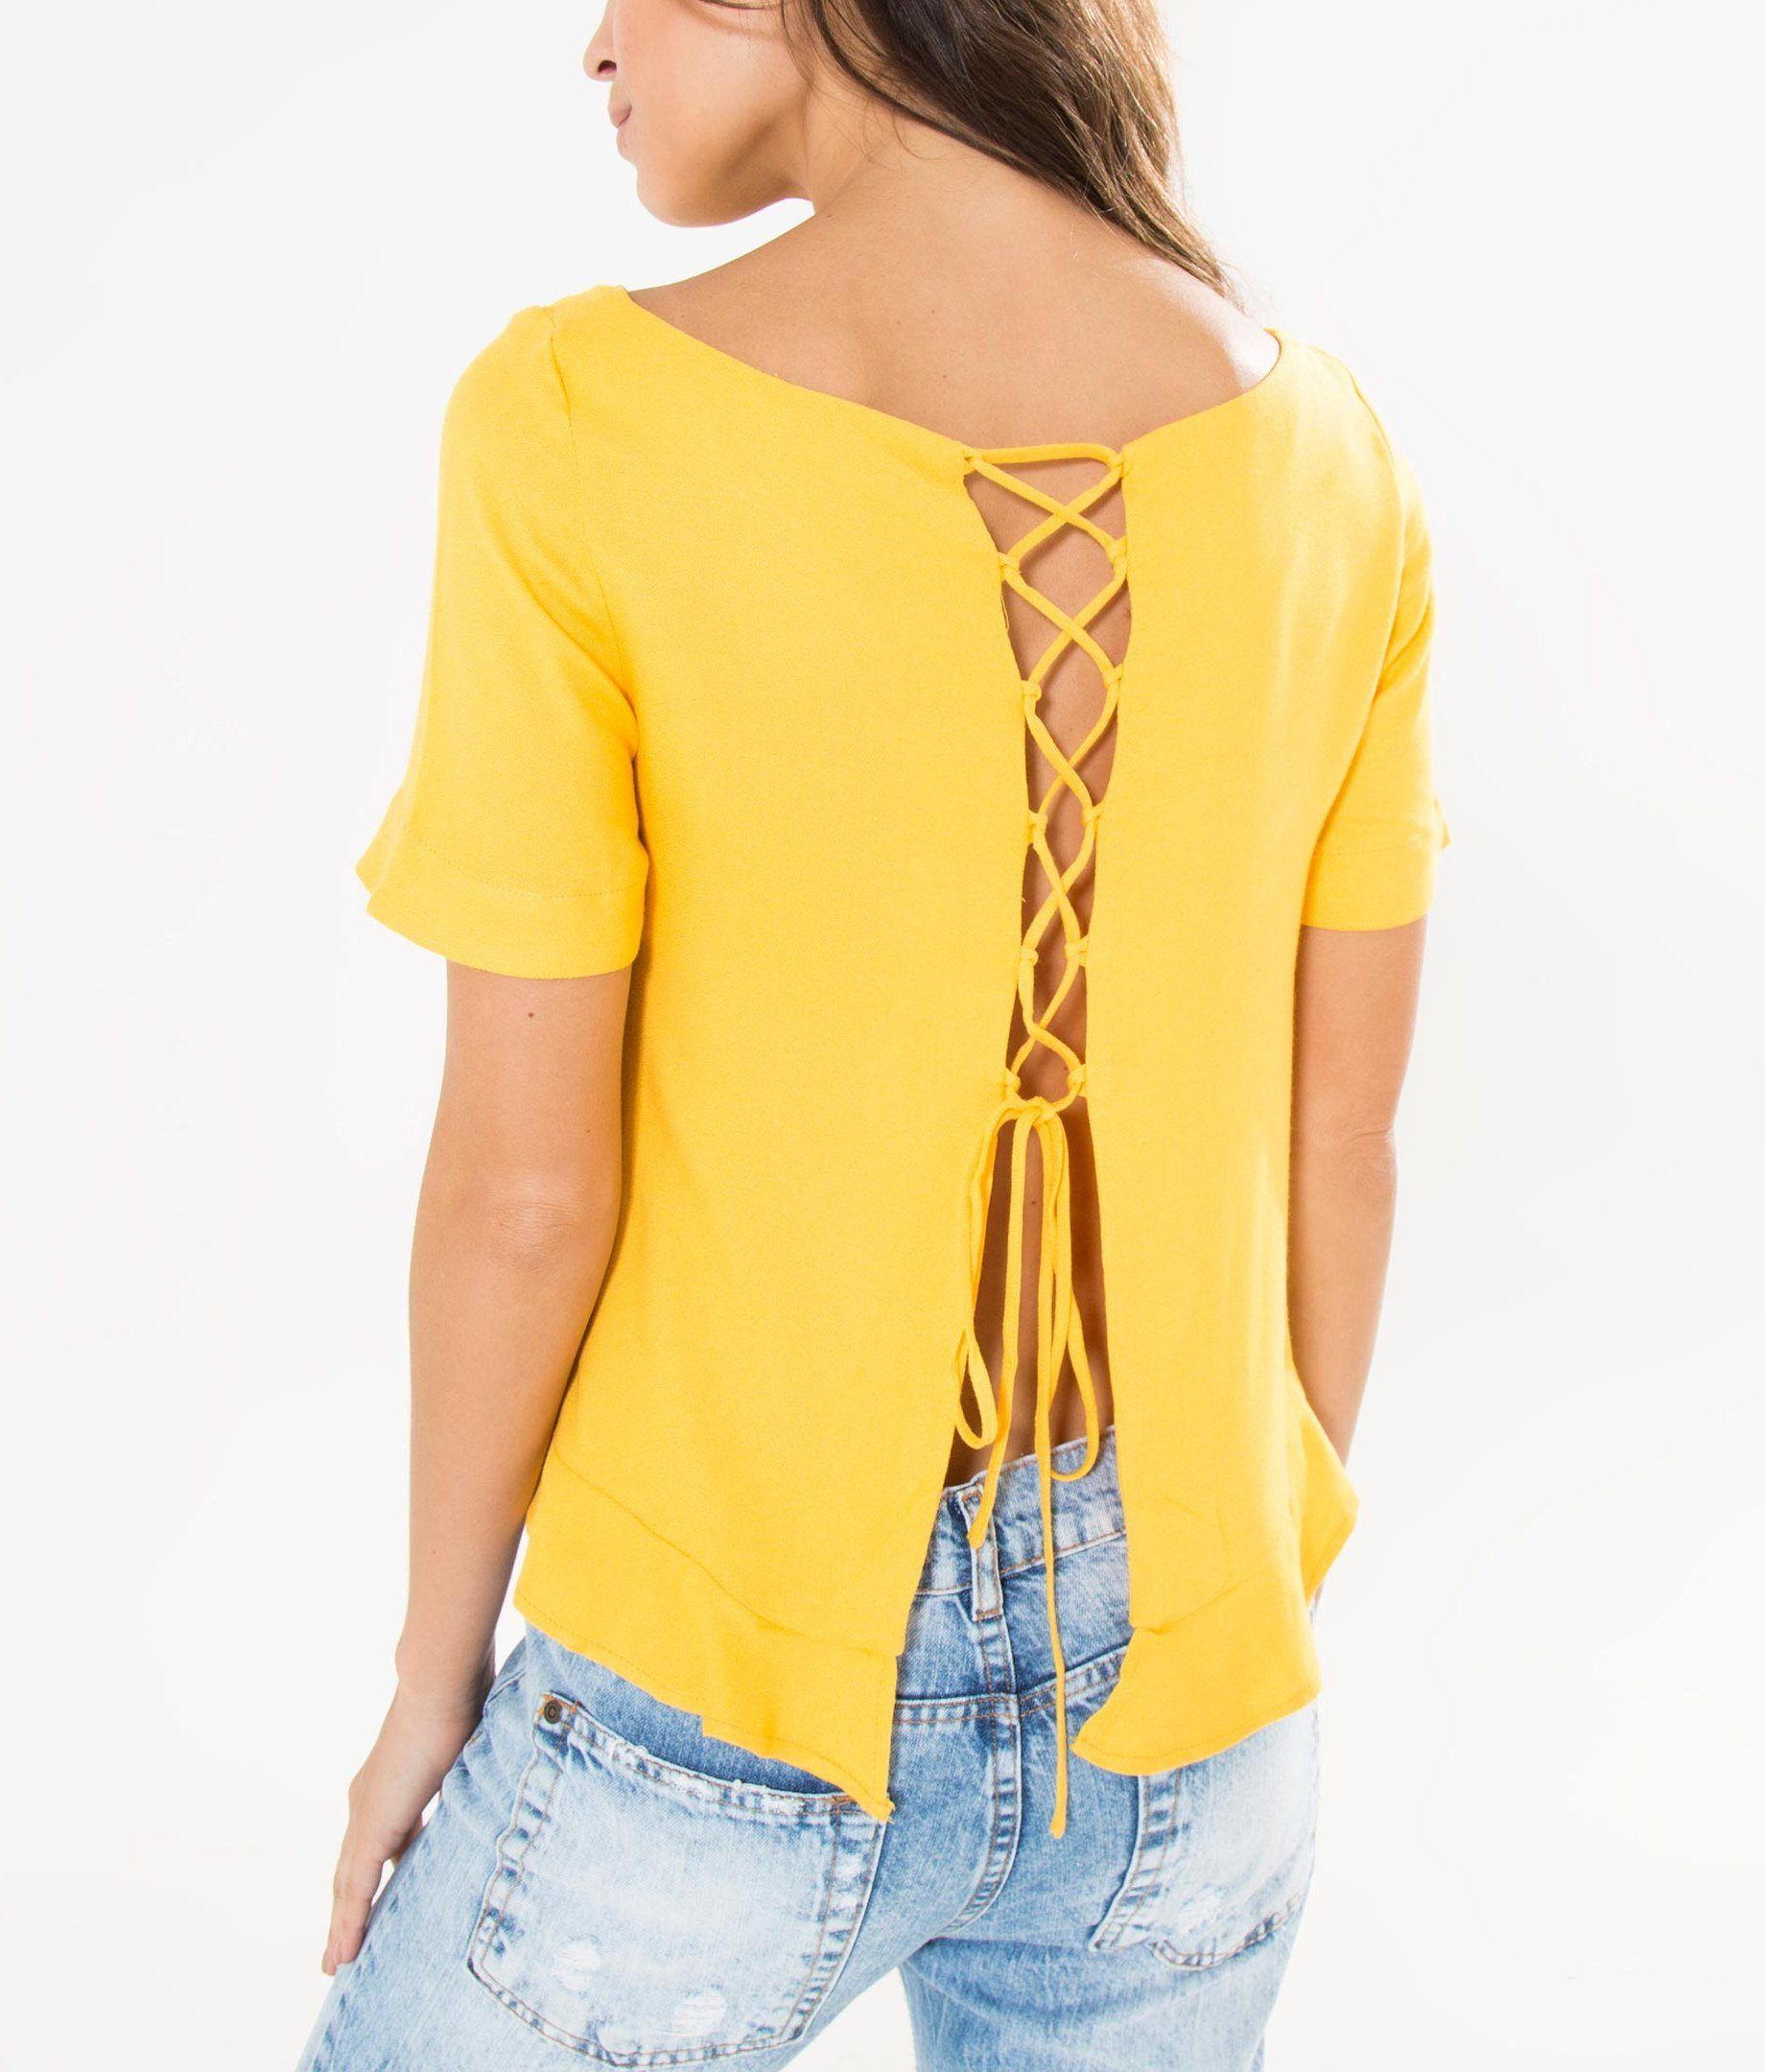 http://www.farmrio.com.br/br/produto/t-shirt-com-babado/_/A-240087_3246.ptbr.farmrio